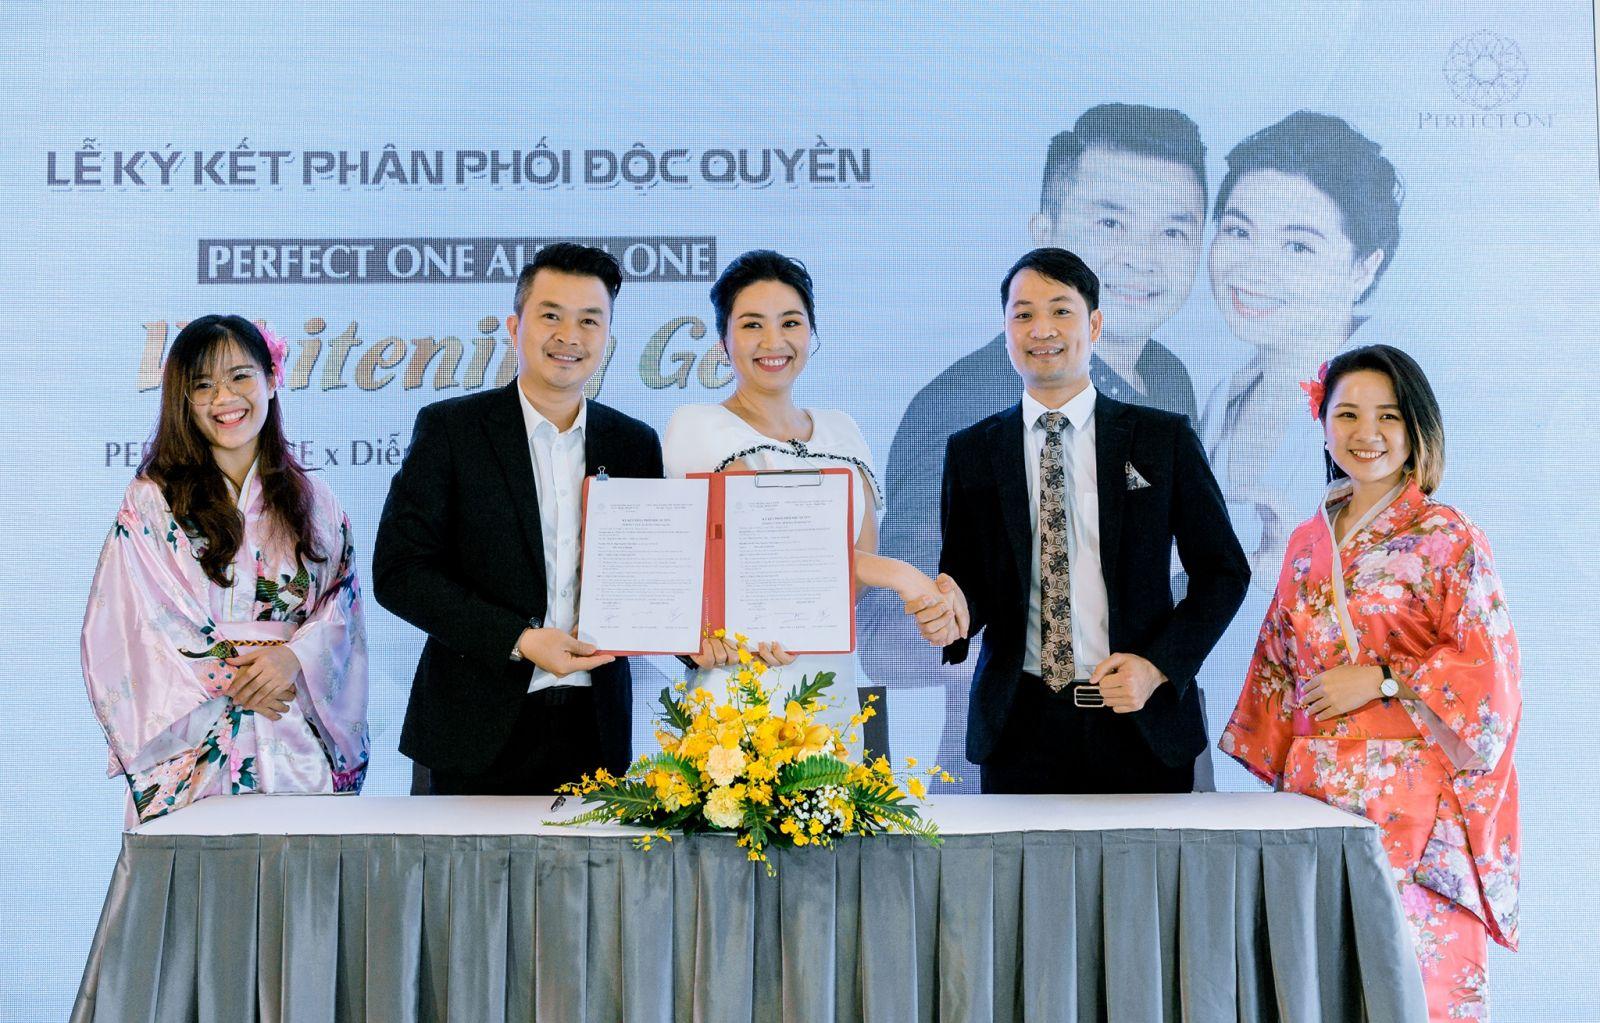 Diễn viên Lê Khánh – Tuấn Khải ký kết phân phối độc quyền PERFECT ONE All in One Whitening Gel tại Việt Nam